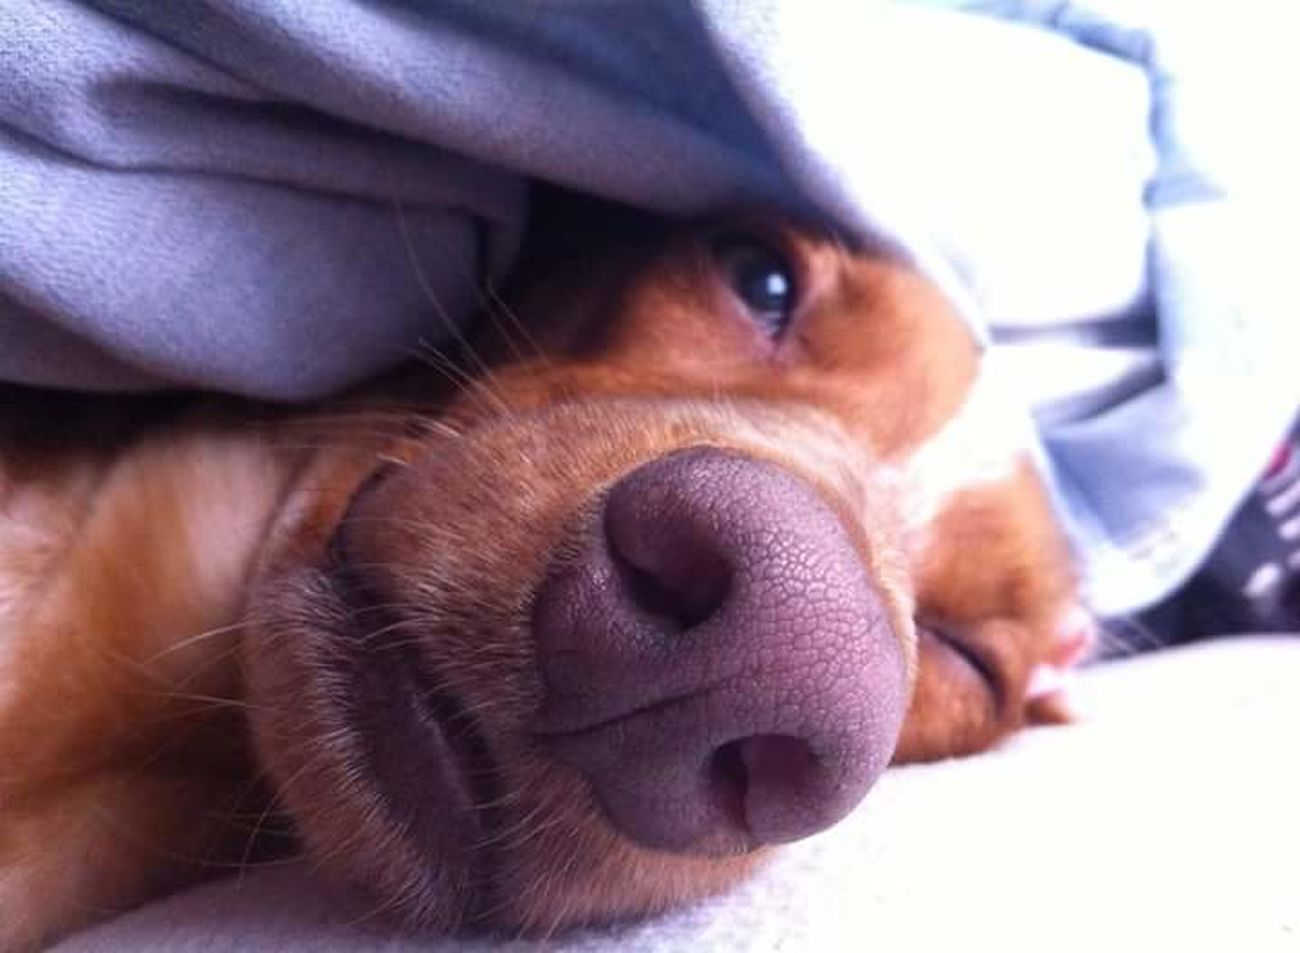 Dogs Dogs Of EyeEm Good Morning EyeEm Best Shots Mornings Lovely Lovely Dog Nouse EyeEm Animal Lover Good Morning! EyeEmBestPics Sleeping Dog